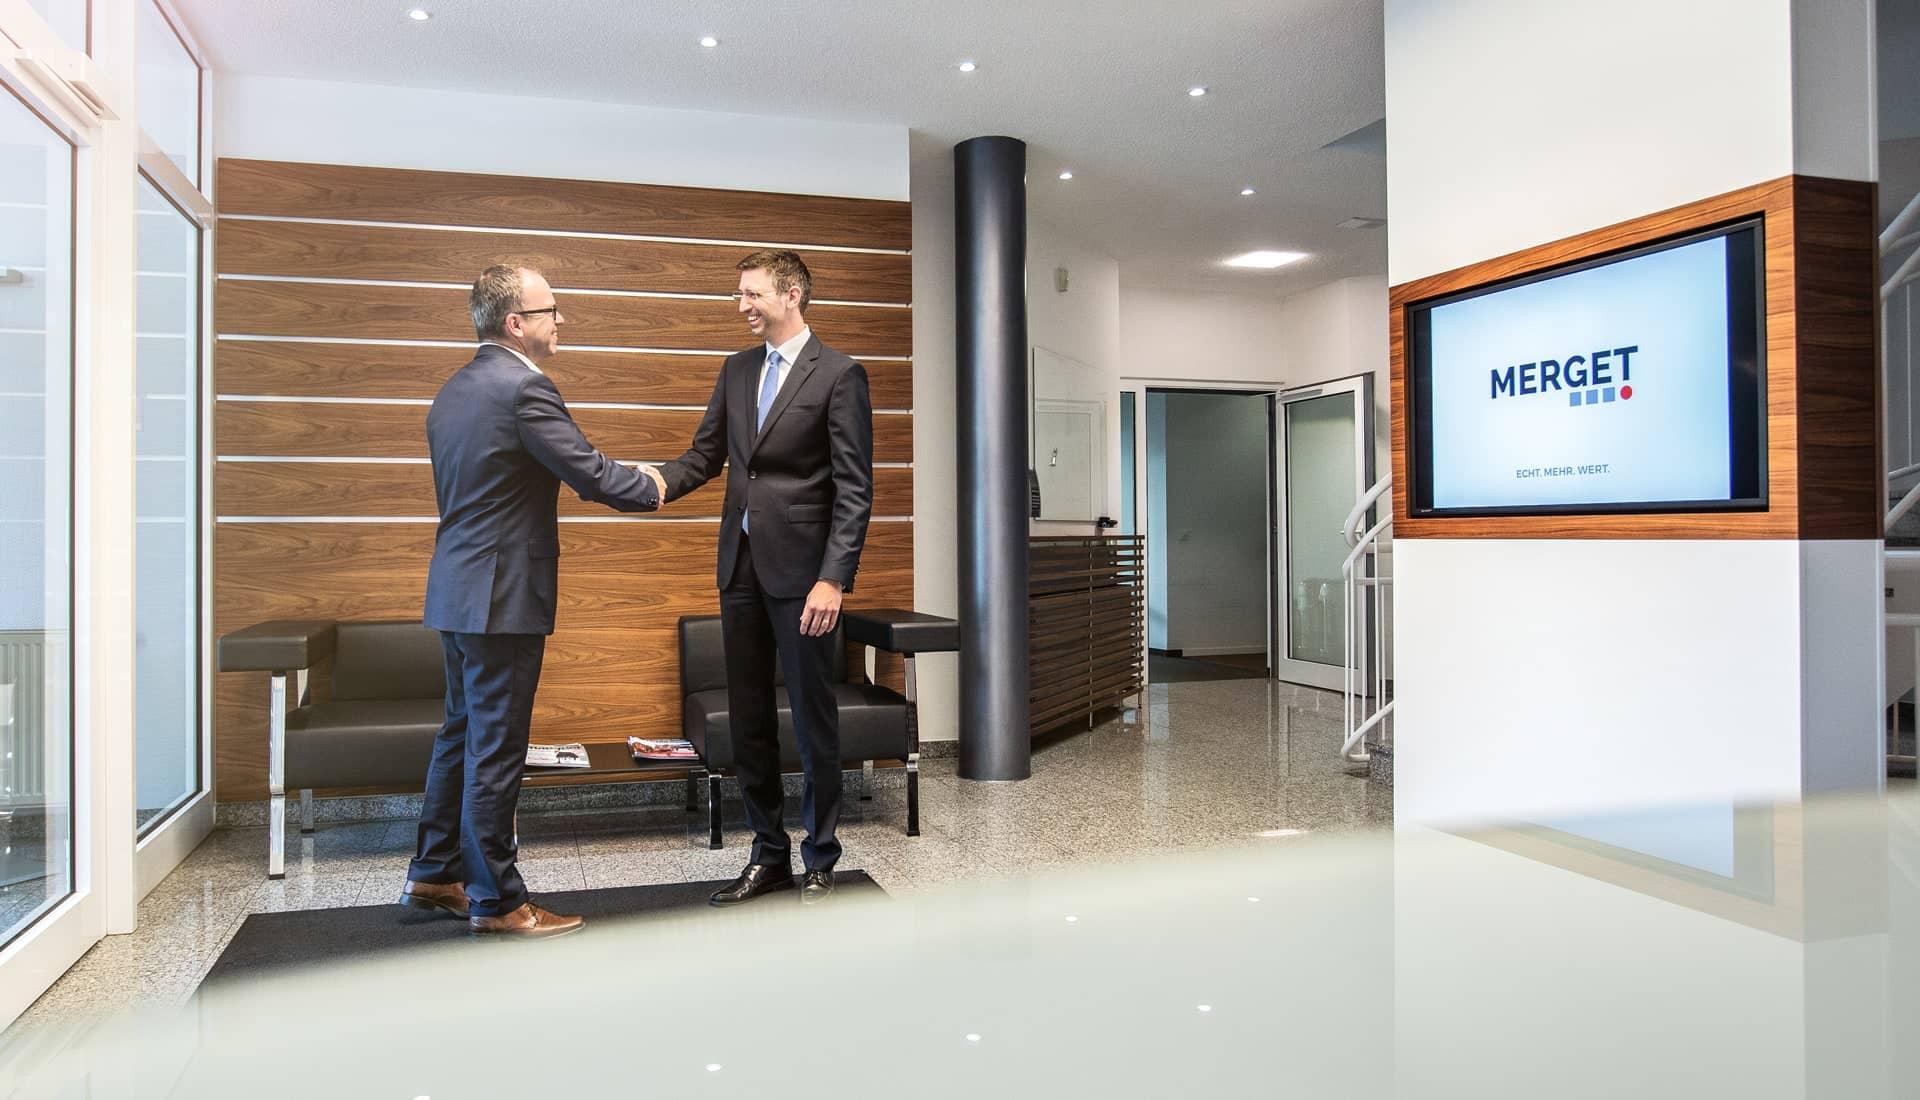 Eingangsbereich der MERGET + PARTNER Steuerberater, Rechtsanwälte, Wirtschaftsprüfer aus Aschaffenburg